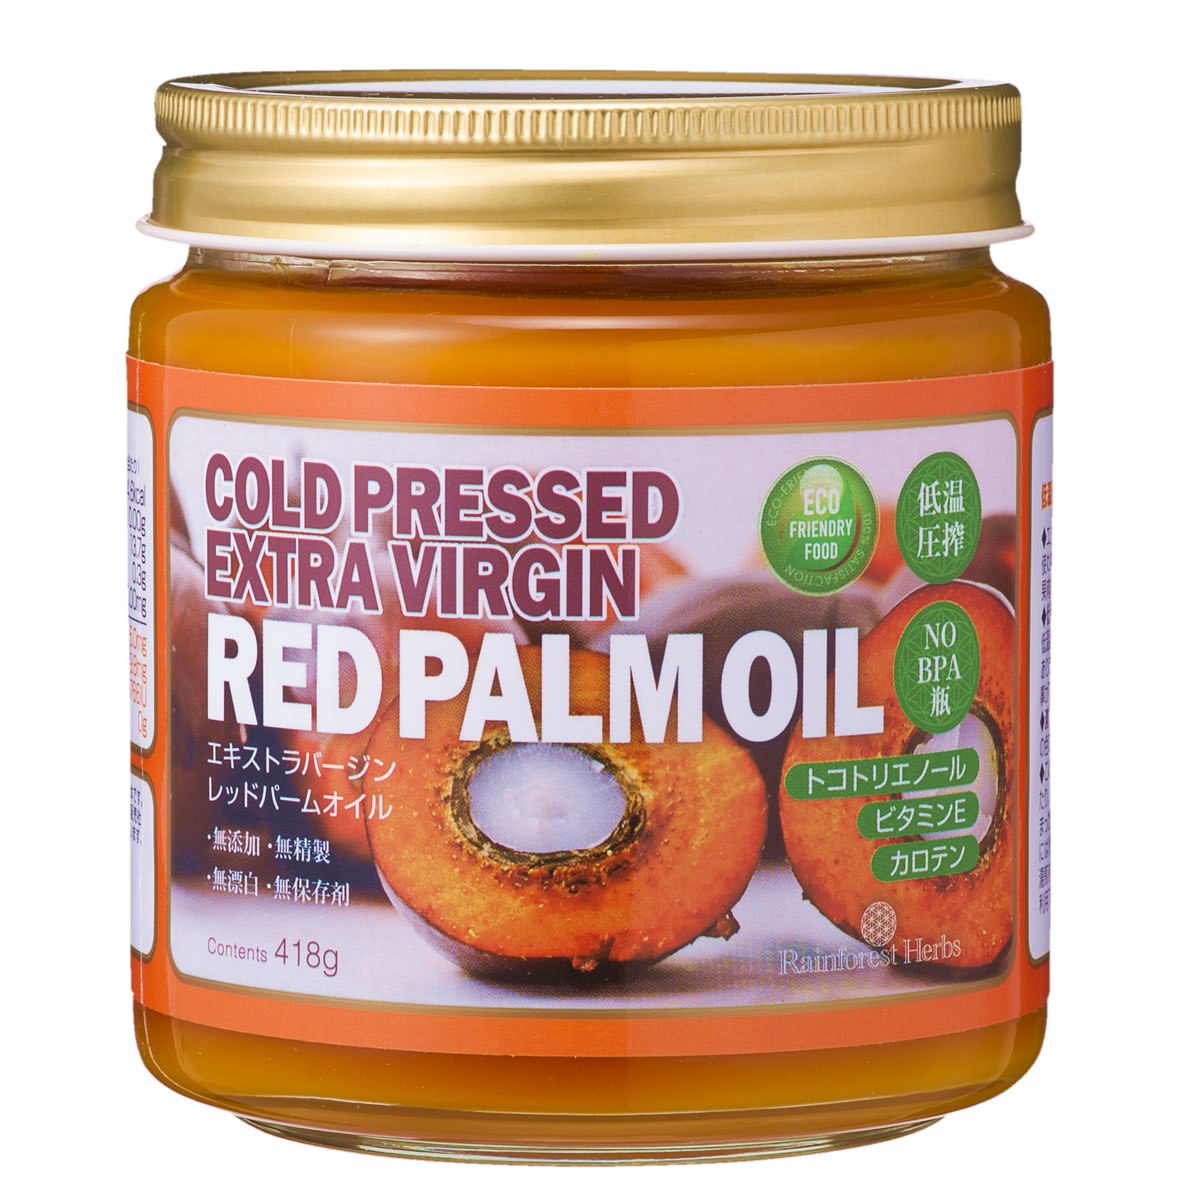 ビタミンA β-カロテン トコトリエノール スーパービタミンE コエンザイムQ10を大量に含む高機能オイル エキストラバージン レッドパームオイル コエンザイムQ10 低温圧搾 超激得SALE RED OIL 美品 418g PALM 1個